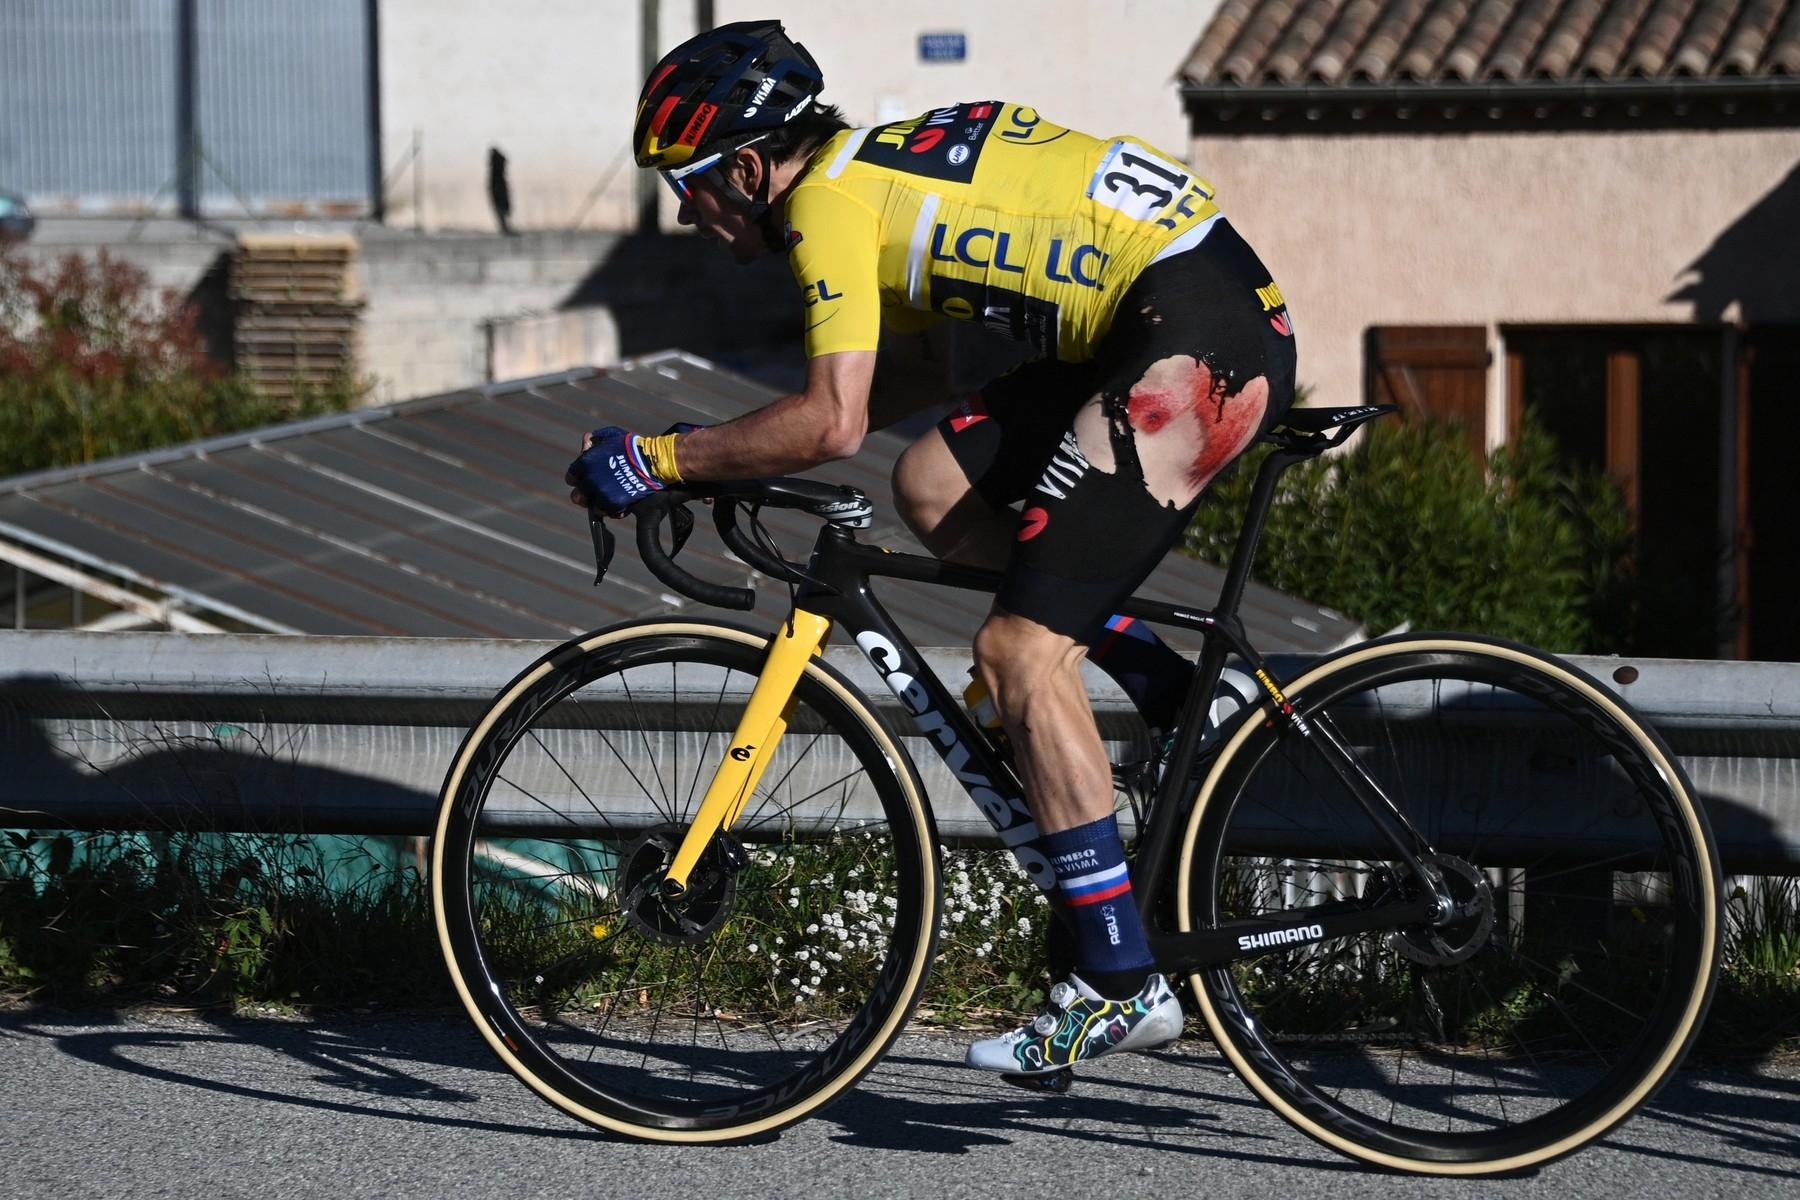 Primož Roglič sedřený po pádu v závodě Paříž-Nice. Foto: profimedia